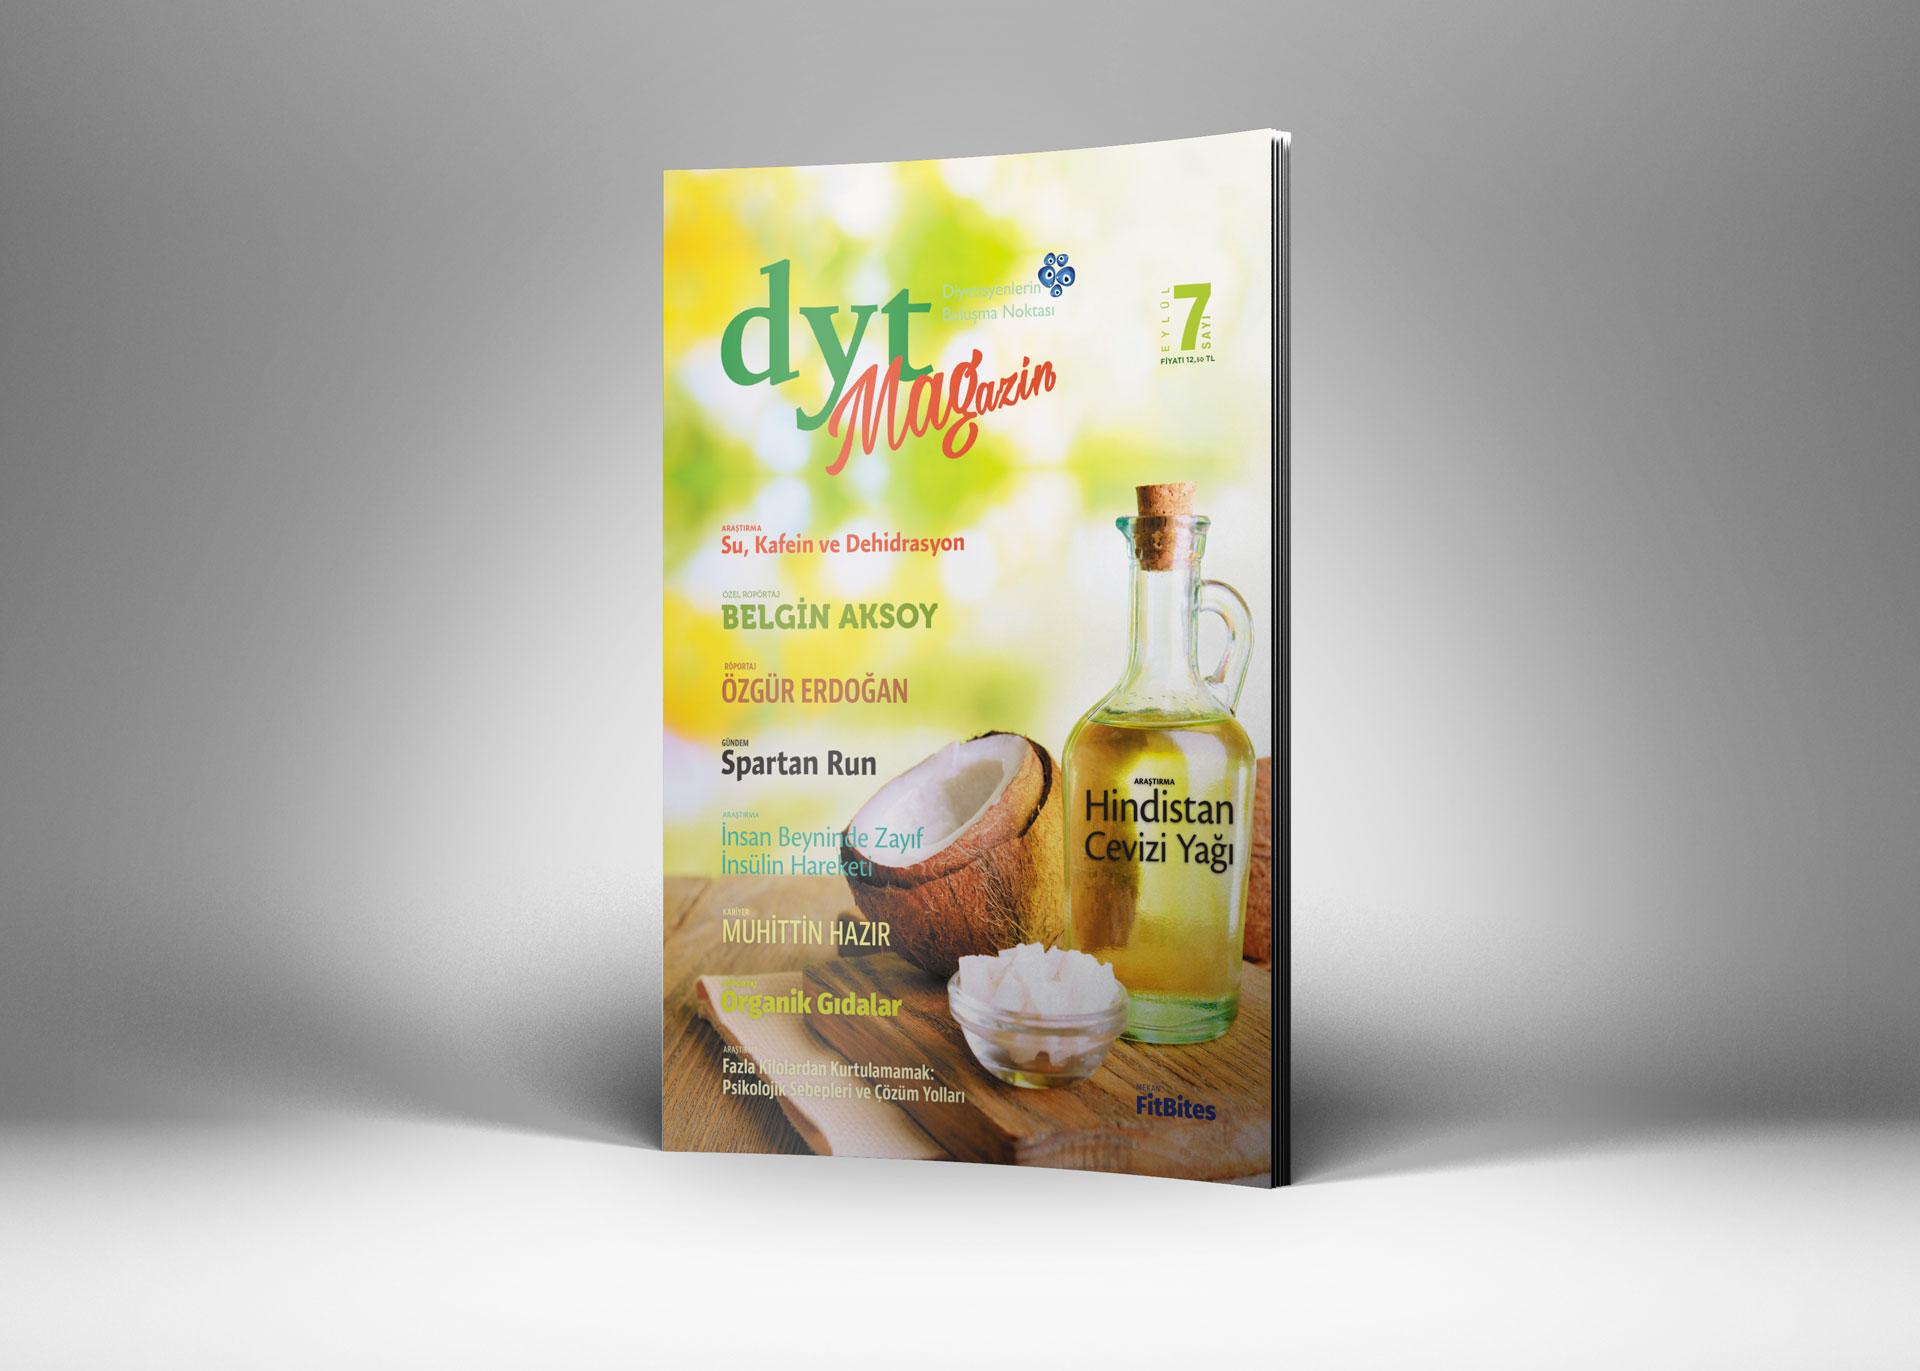 DytMagazin Dergi Tasarımı Sayı 7